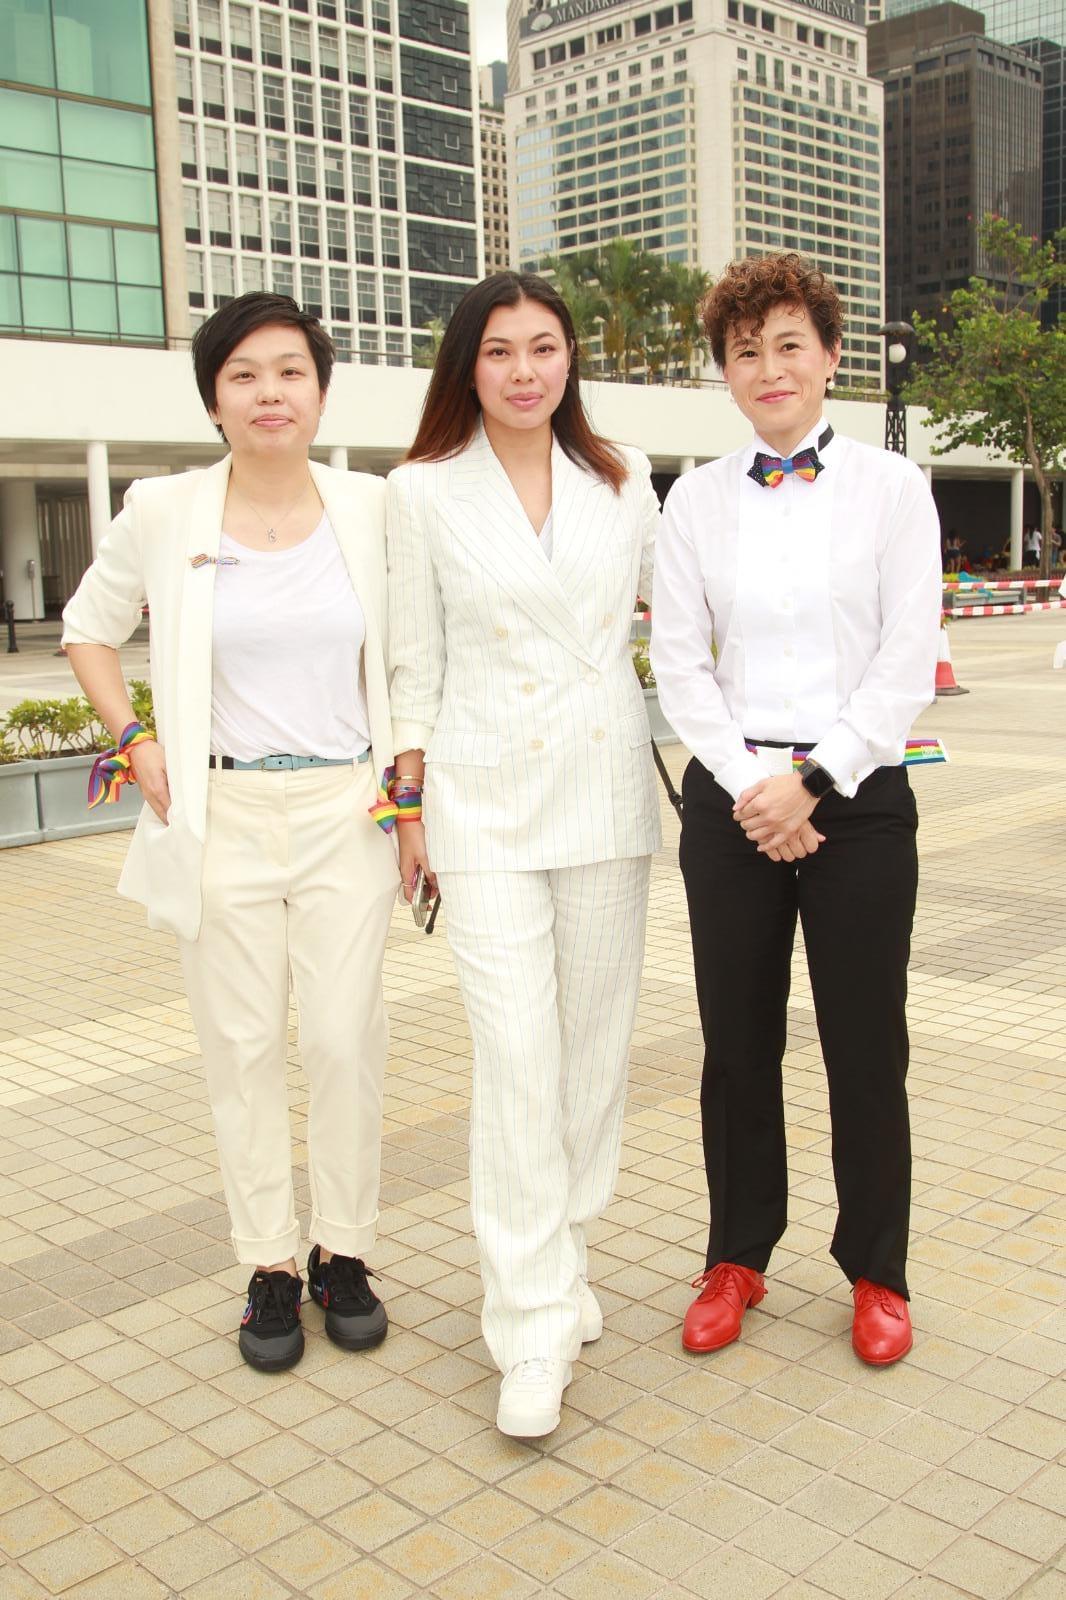 趙式芝及王曼喜出席《同慶同婚》行動活動,為慶祝台灣同志婚姻合法化。